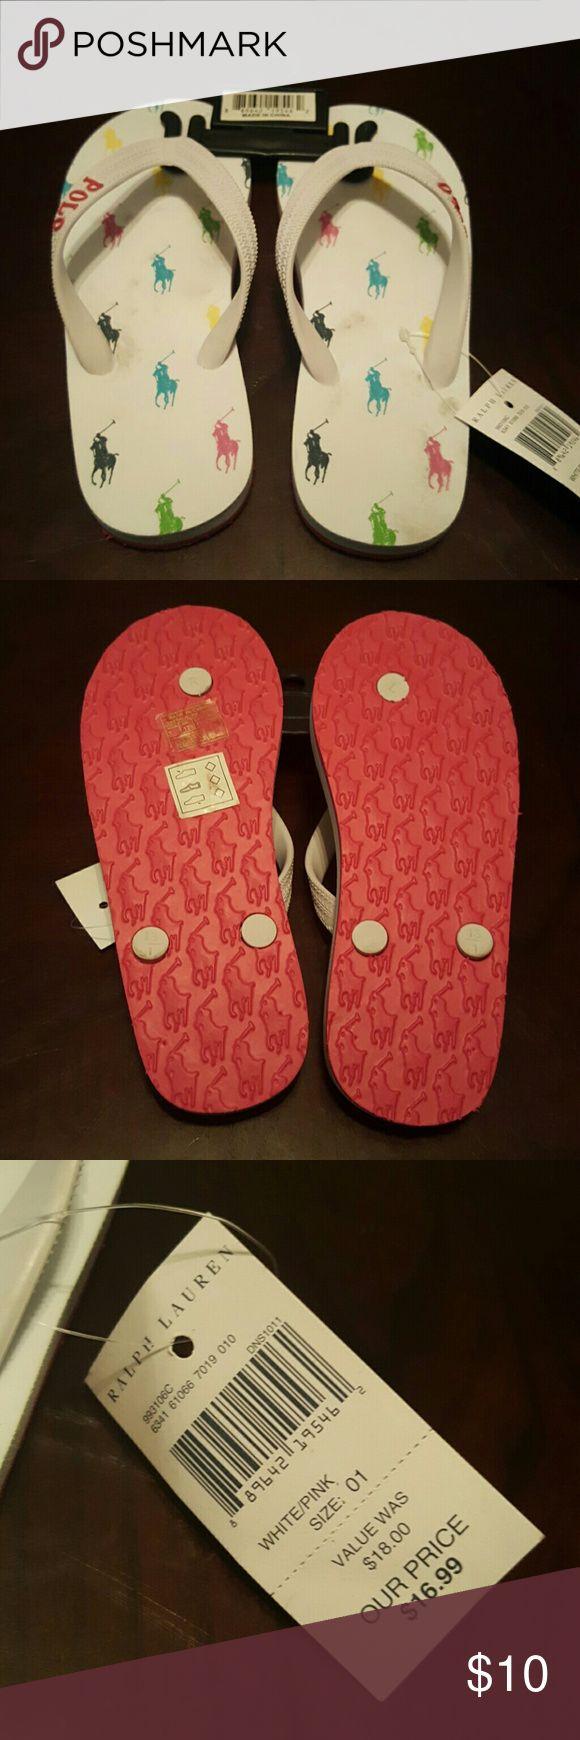 Ralph Lauren Girls Multi Color Flip Flops Ralph Lauren Polo sandals Girls flip flop Beach wear **Size 1 RUNS SMALL** **STEAL FINAL PRICE** Ralph Lauren Shoes Sandals & Flip Flops